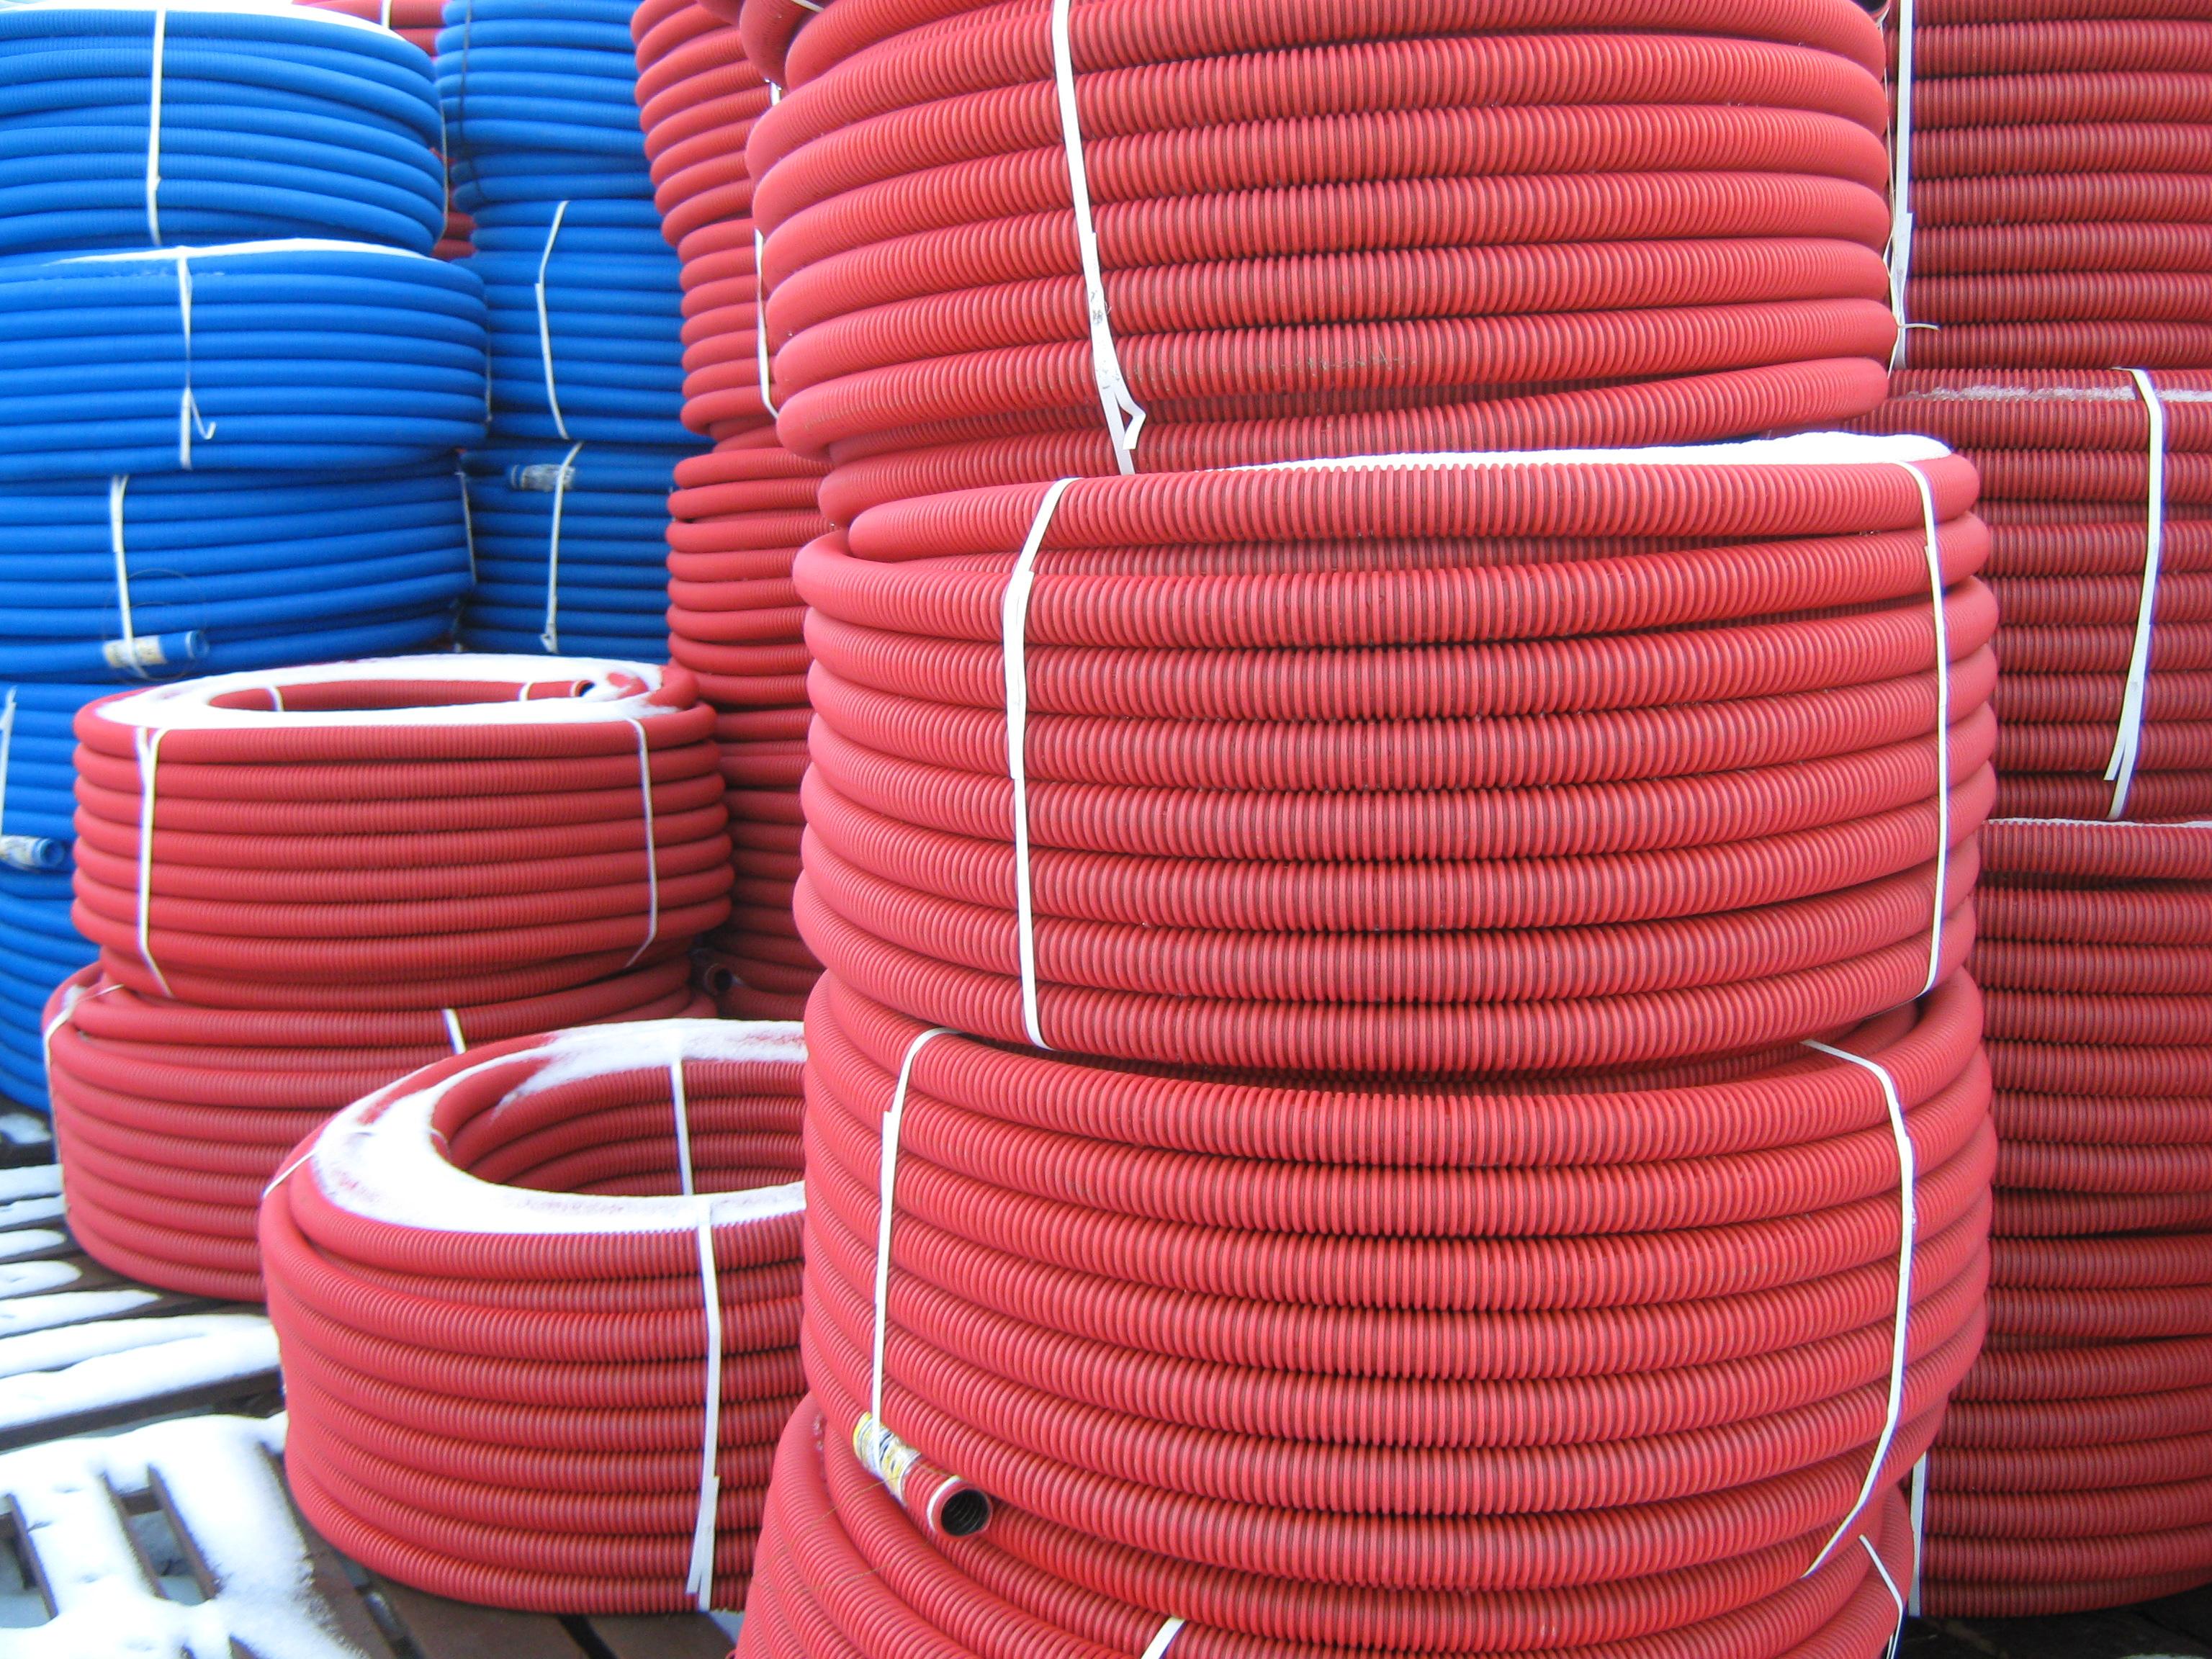 Какие гибкие трубы ПНД используют для прокладки кабеля в земле?